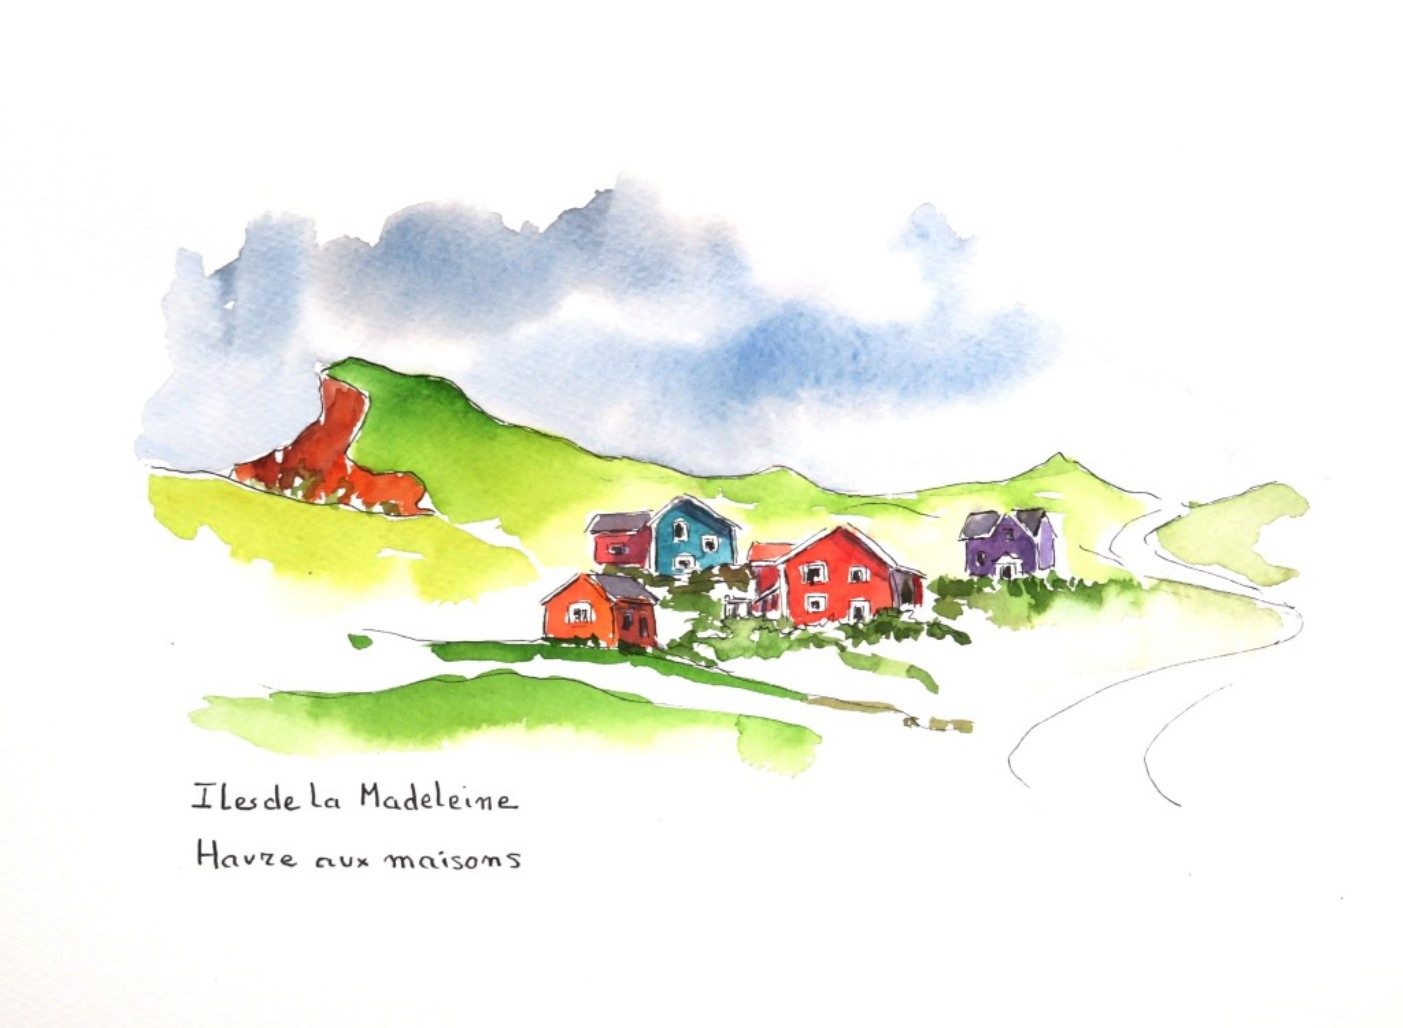 Madeleine 6 Havre aux maisons c